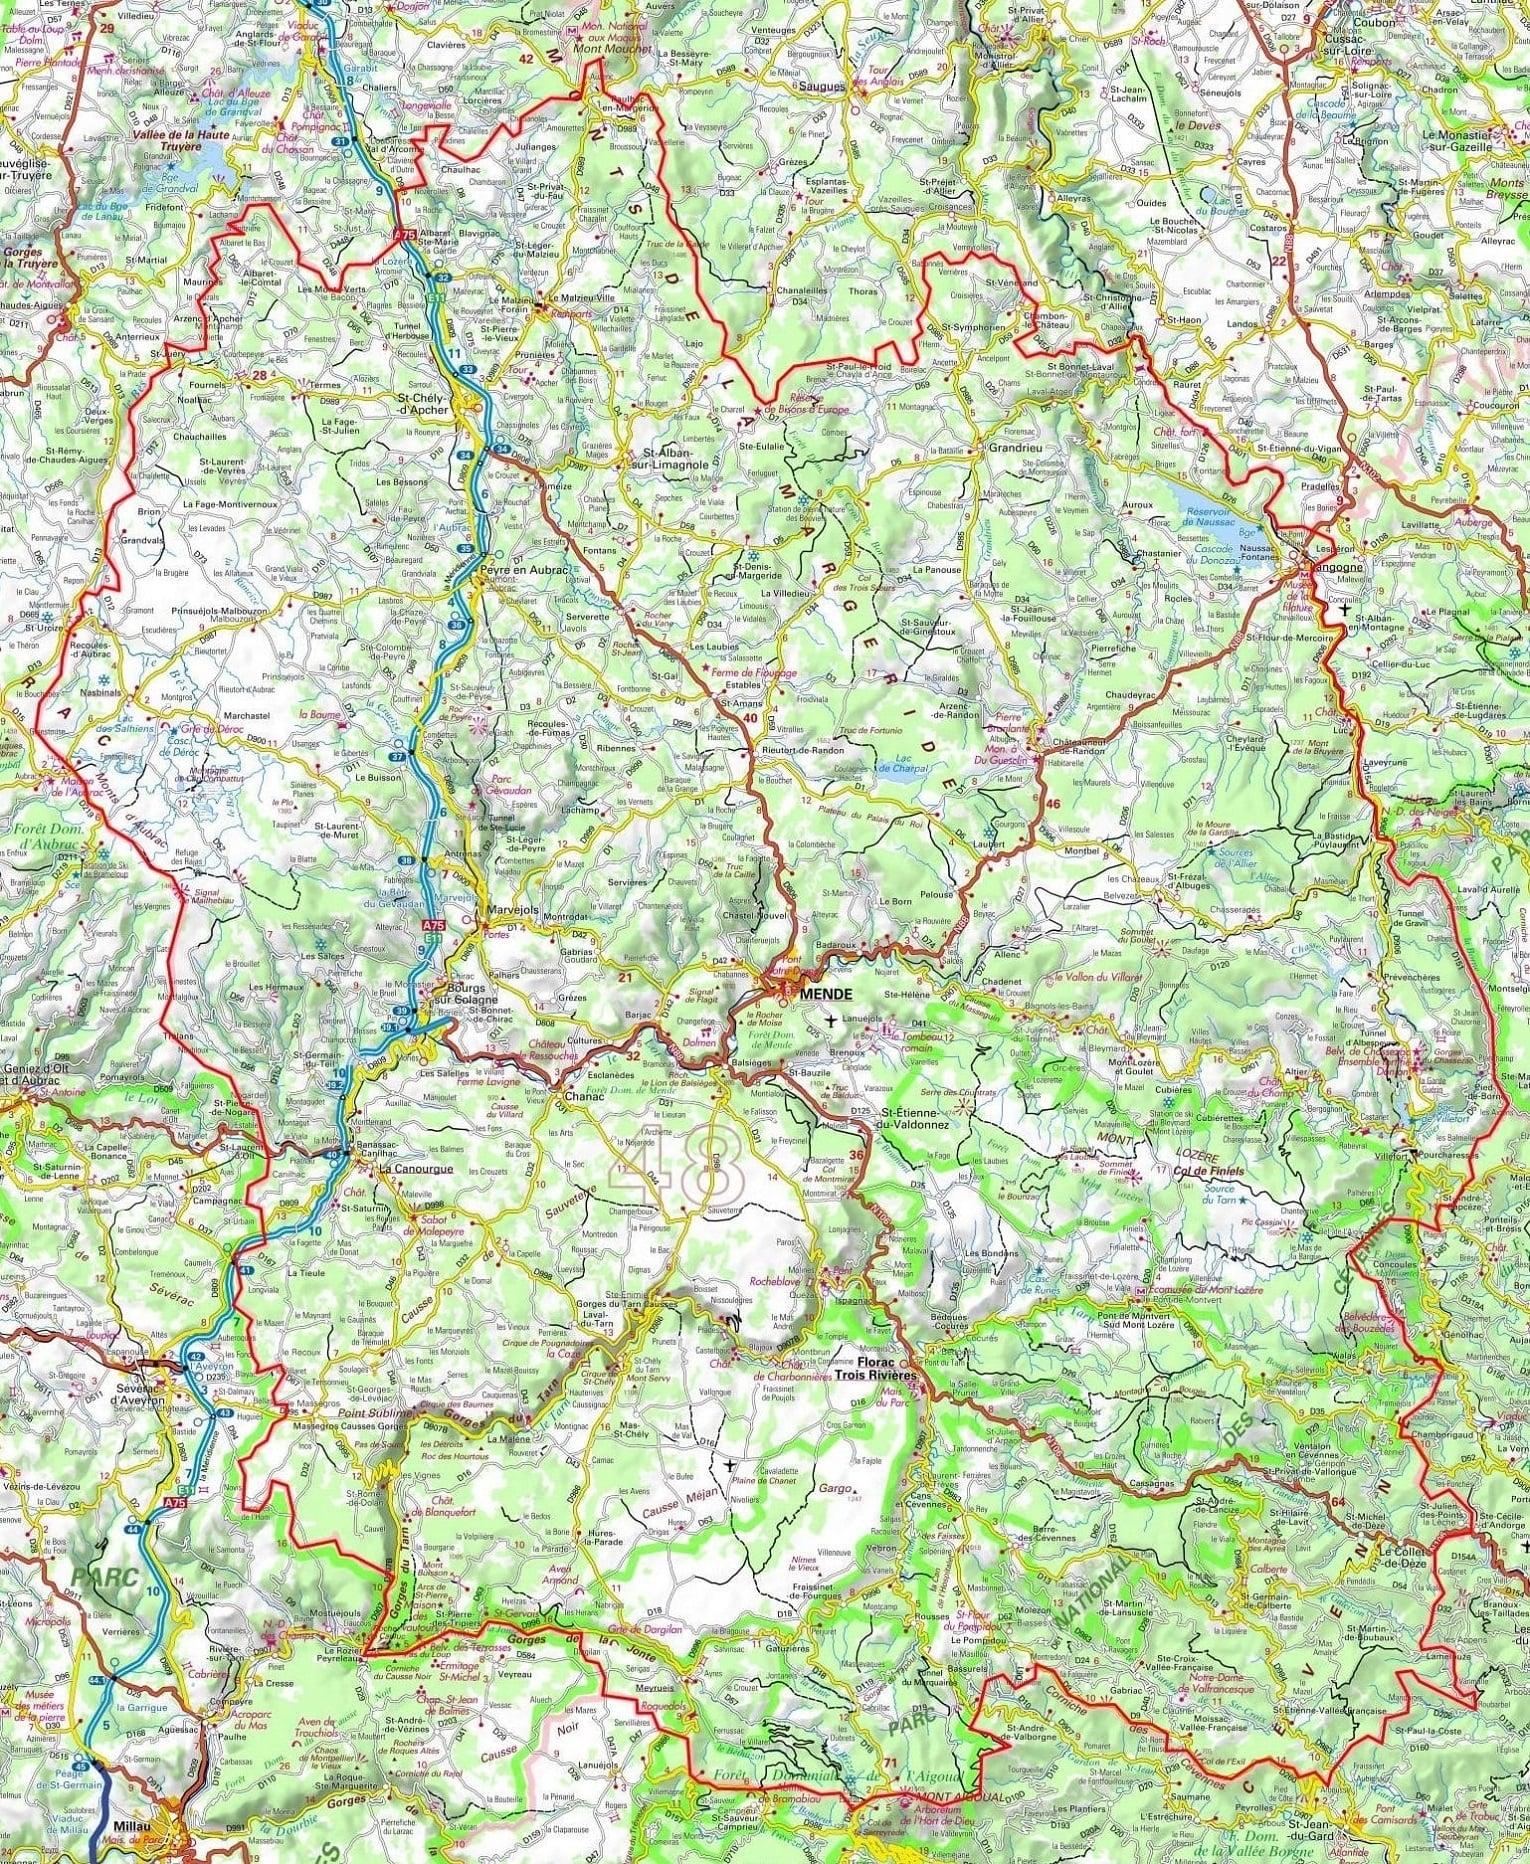 Plan De La Lozère (Occitanie) à Carte Du Sud De La France Détaillée